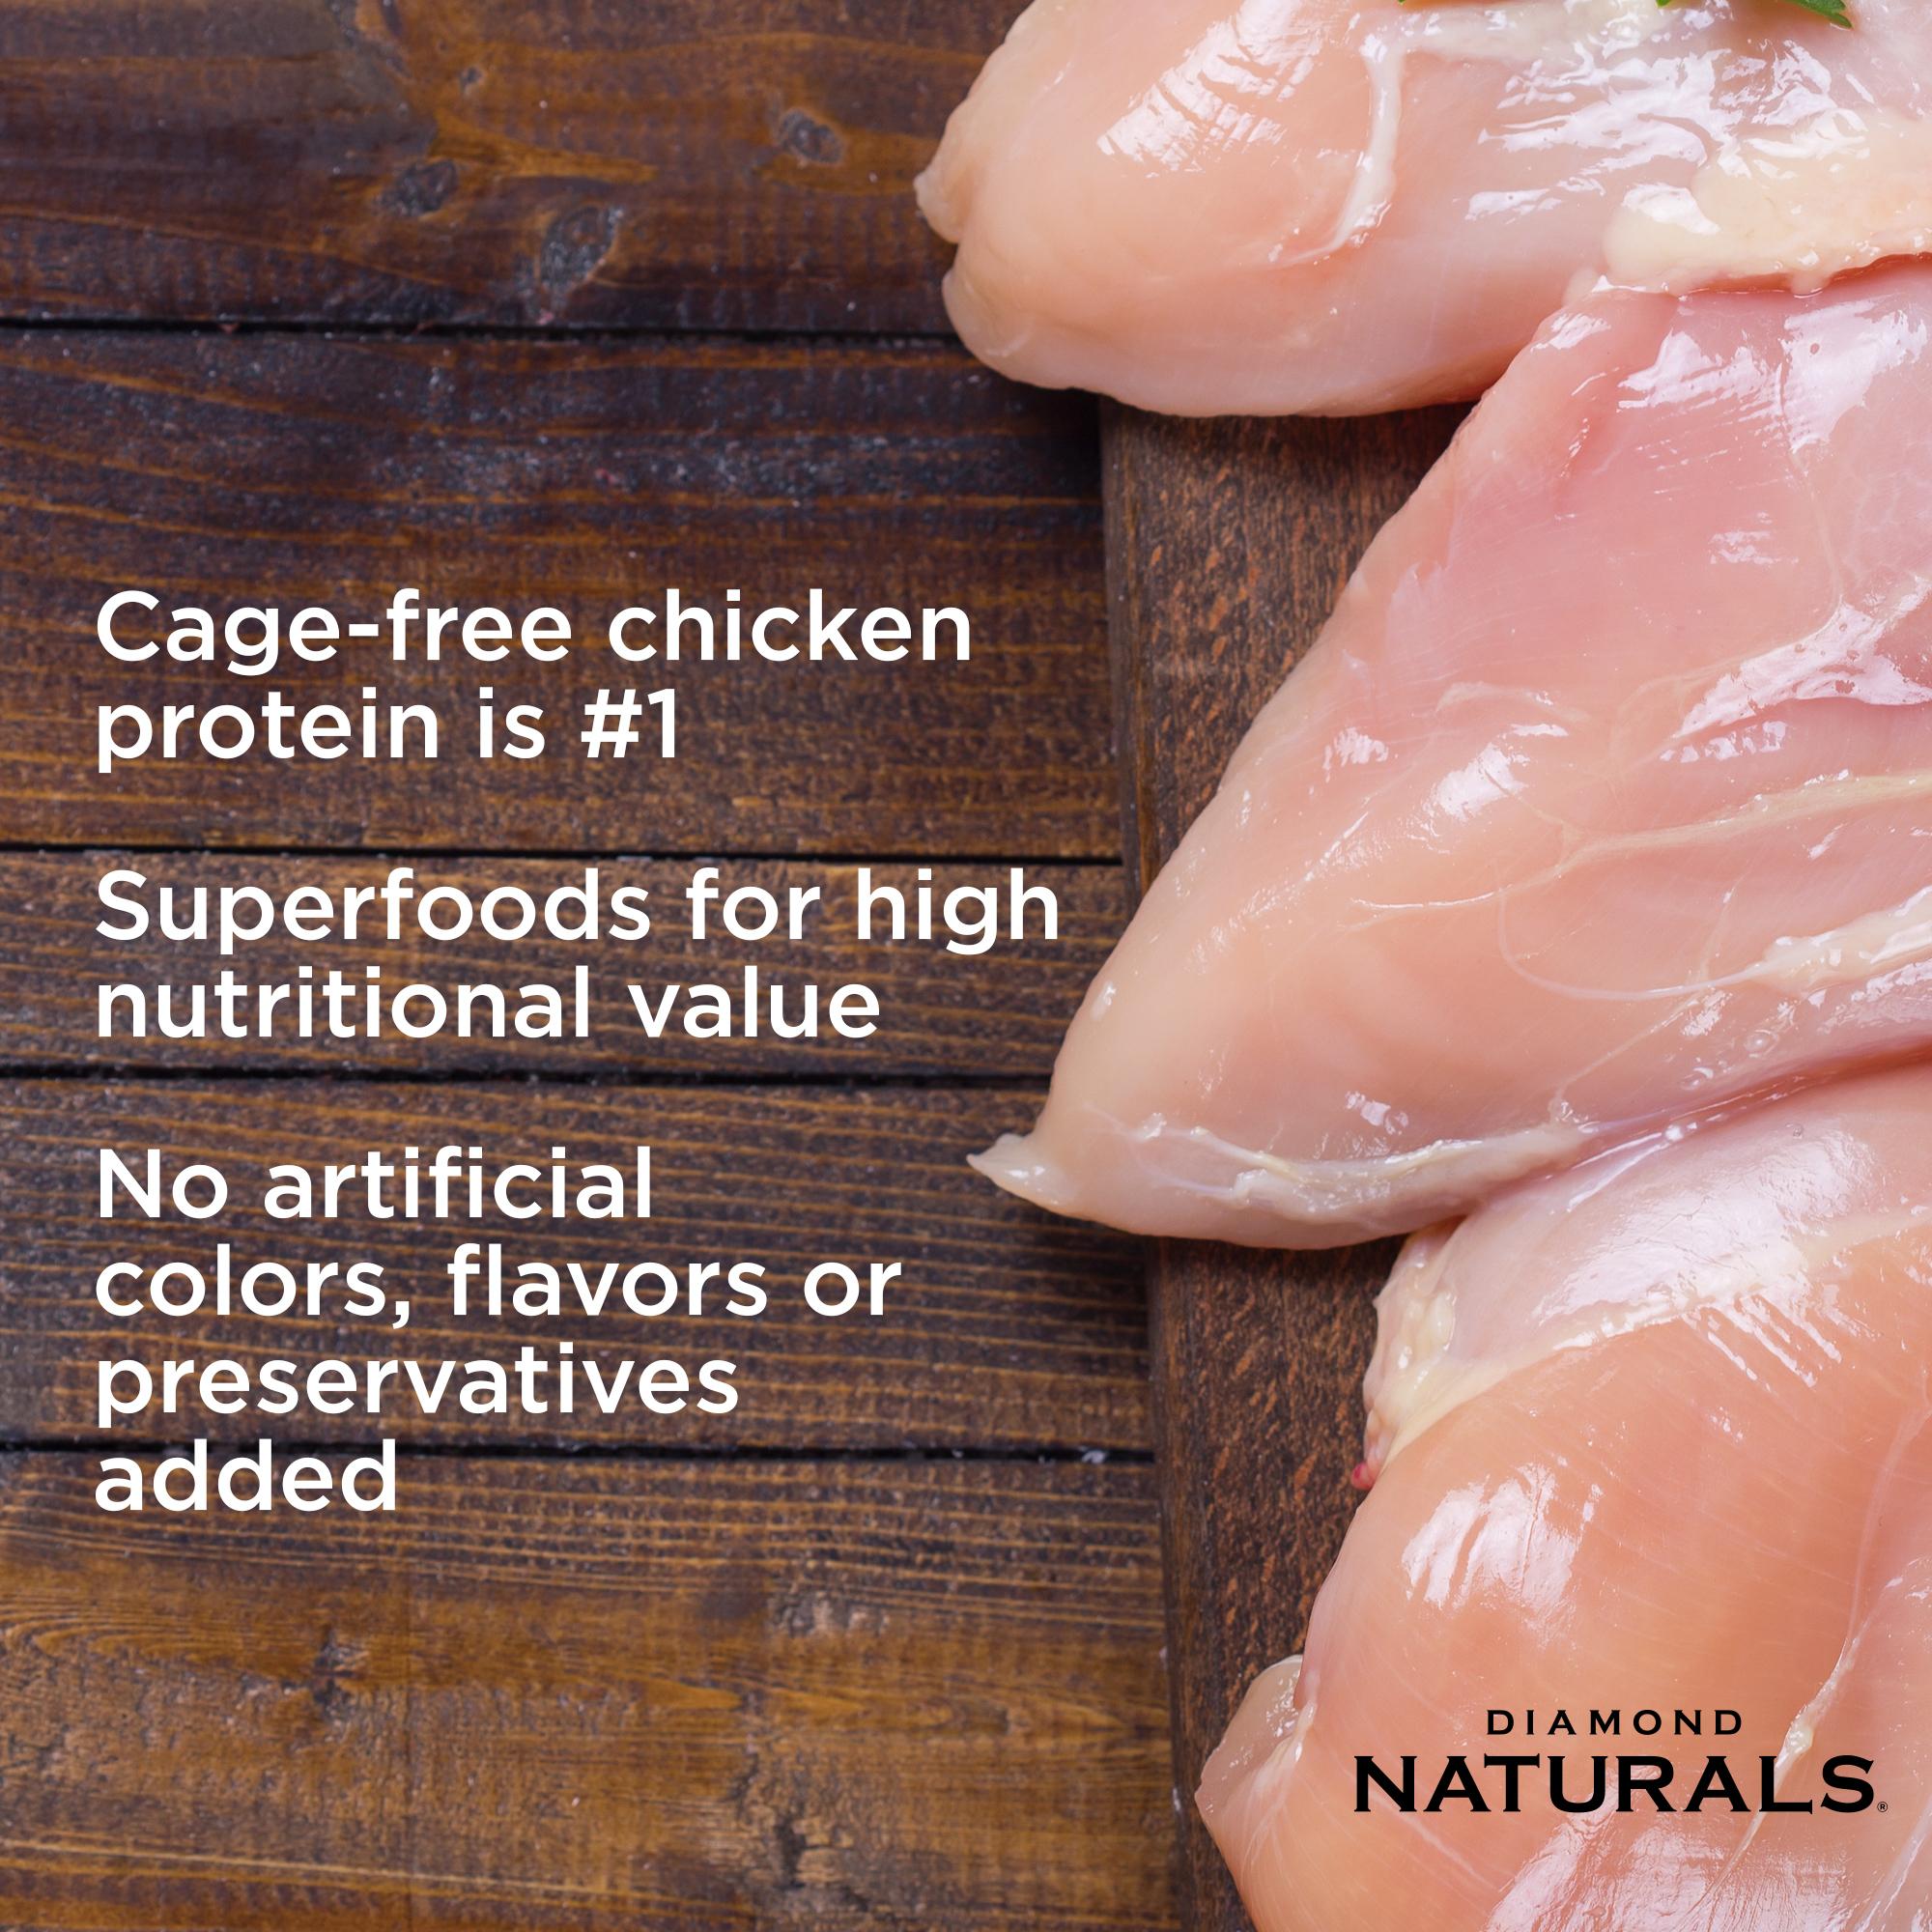 cage free chicken